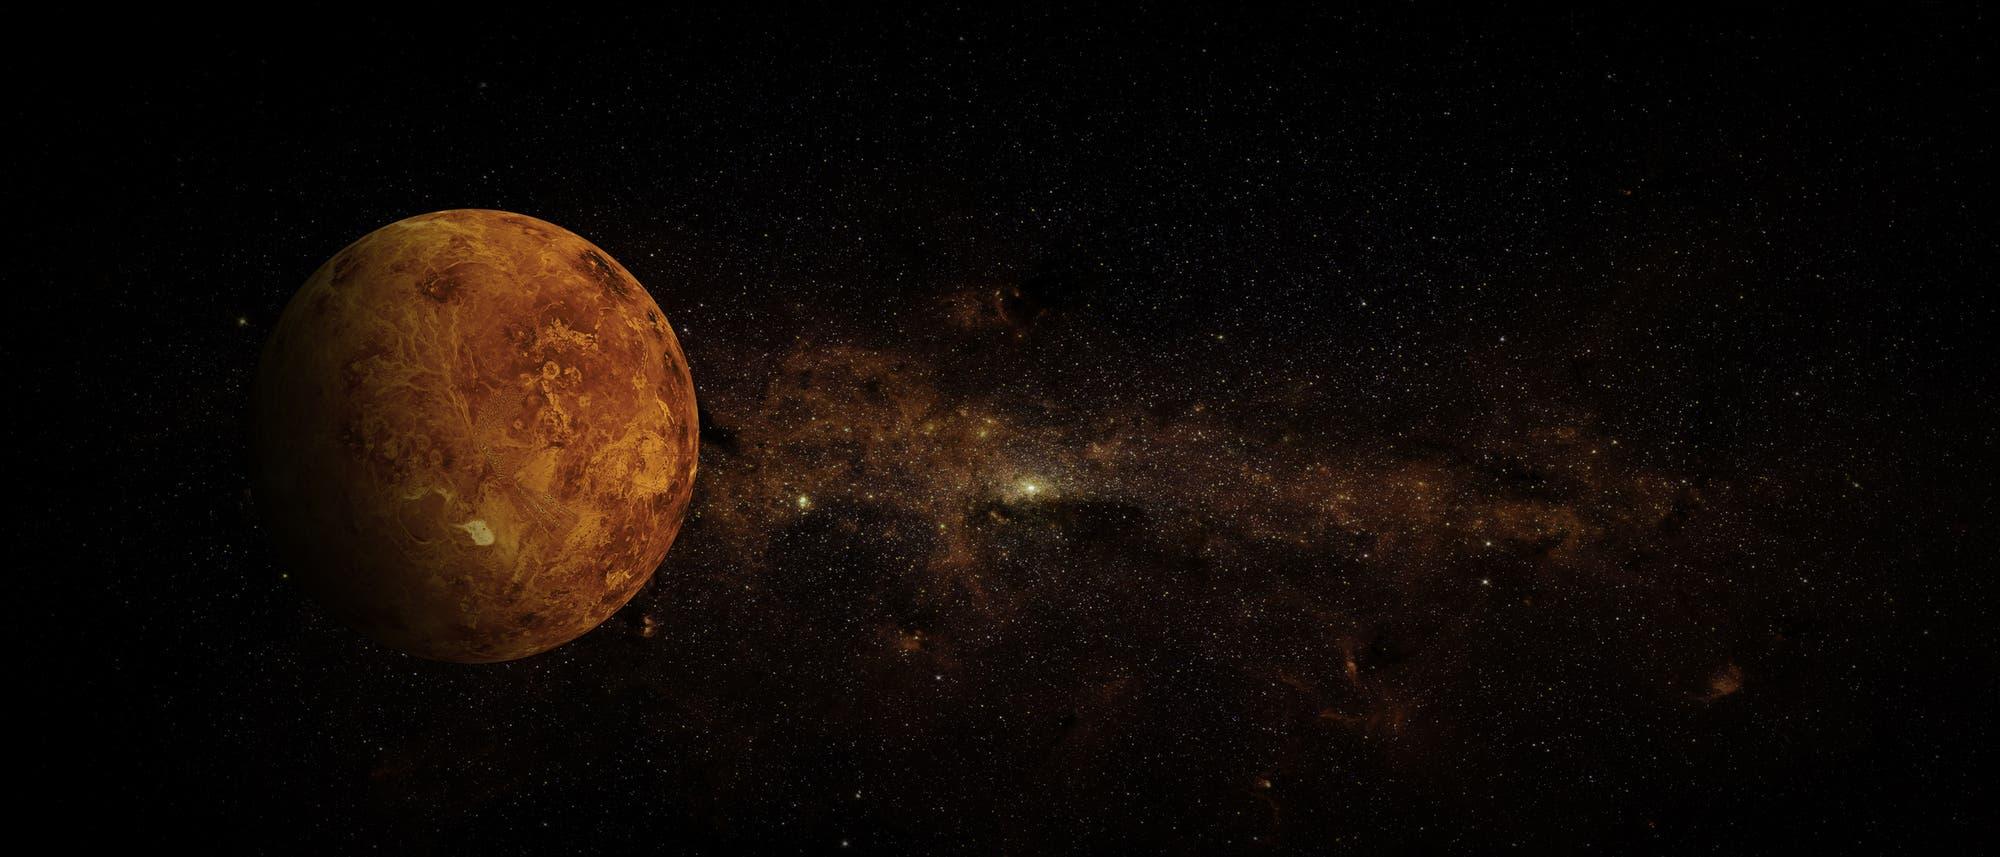 Leben auf der Venus zu finden, ist für viele Forscherinnen und Forscher ein Traum.